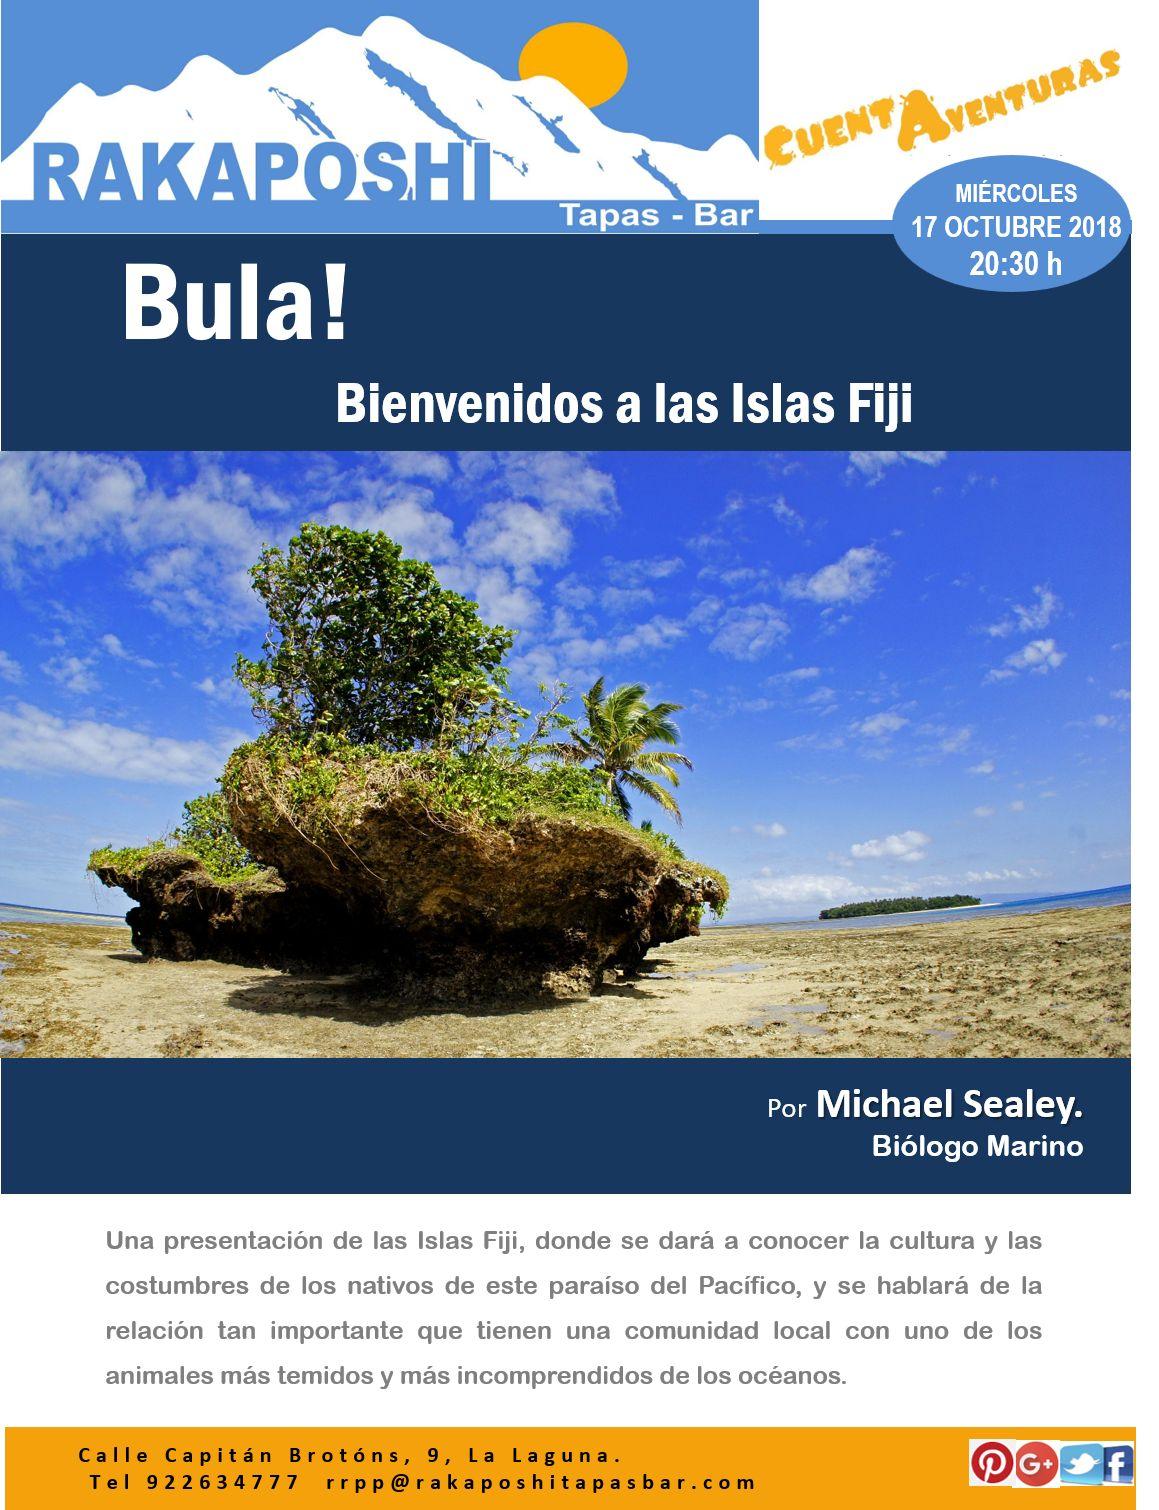 17 octubre 2018. ¡Bula! bienvenidos a las Islas Fiji